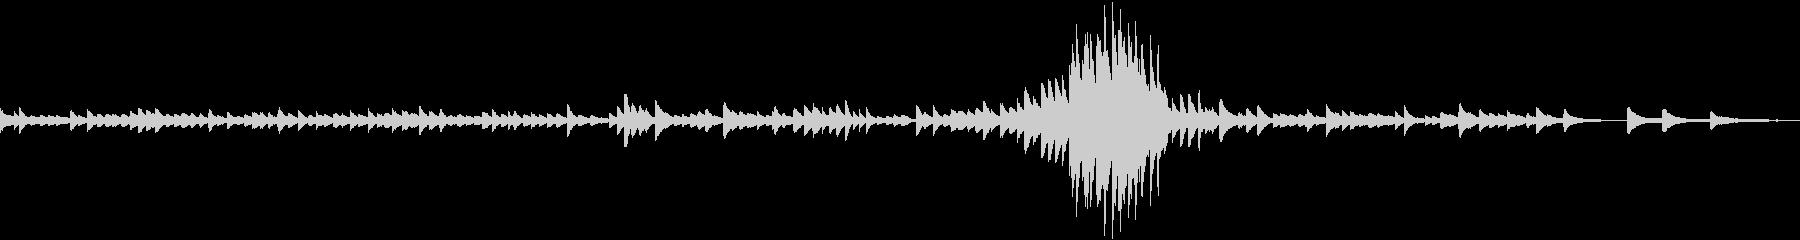 クラシック クール ファンタジー ...の未再生の波形